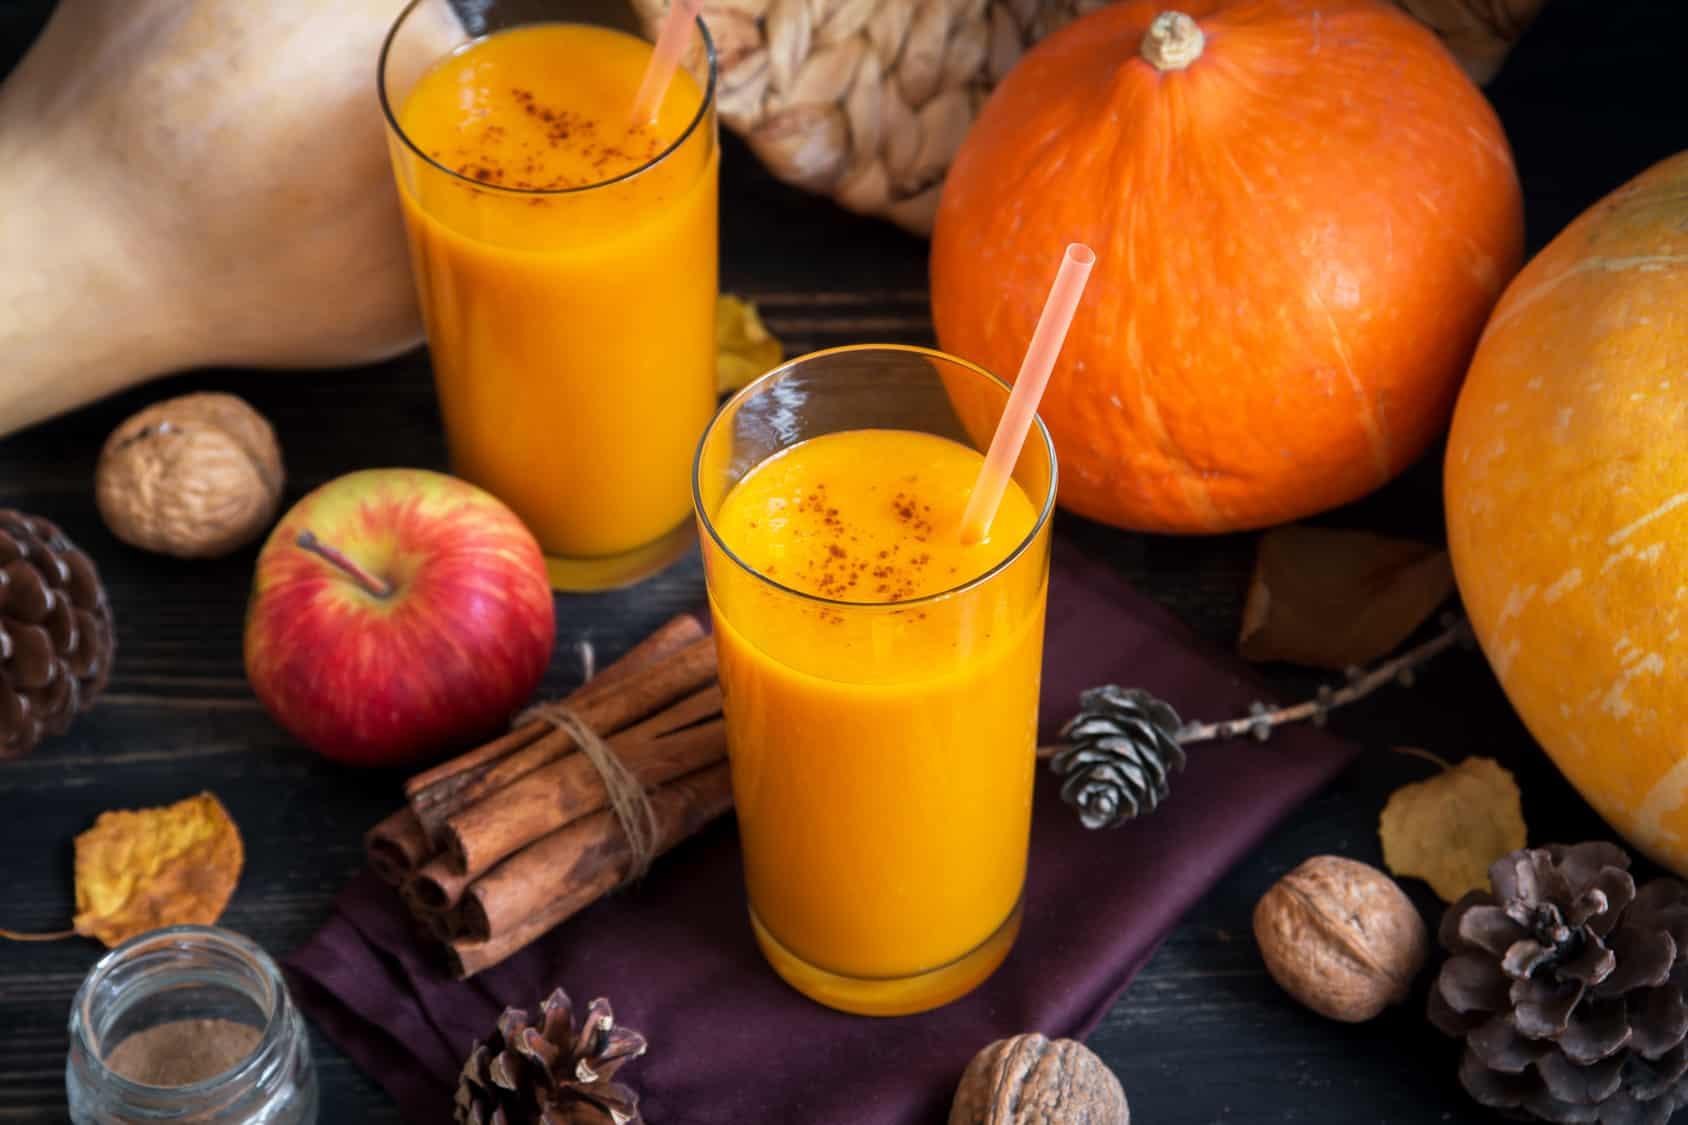 عصير اليقطين لعلاج الكولسترول والسكر في الدم